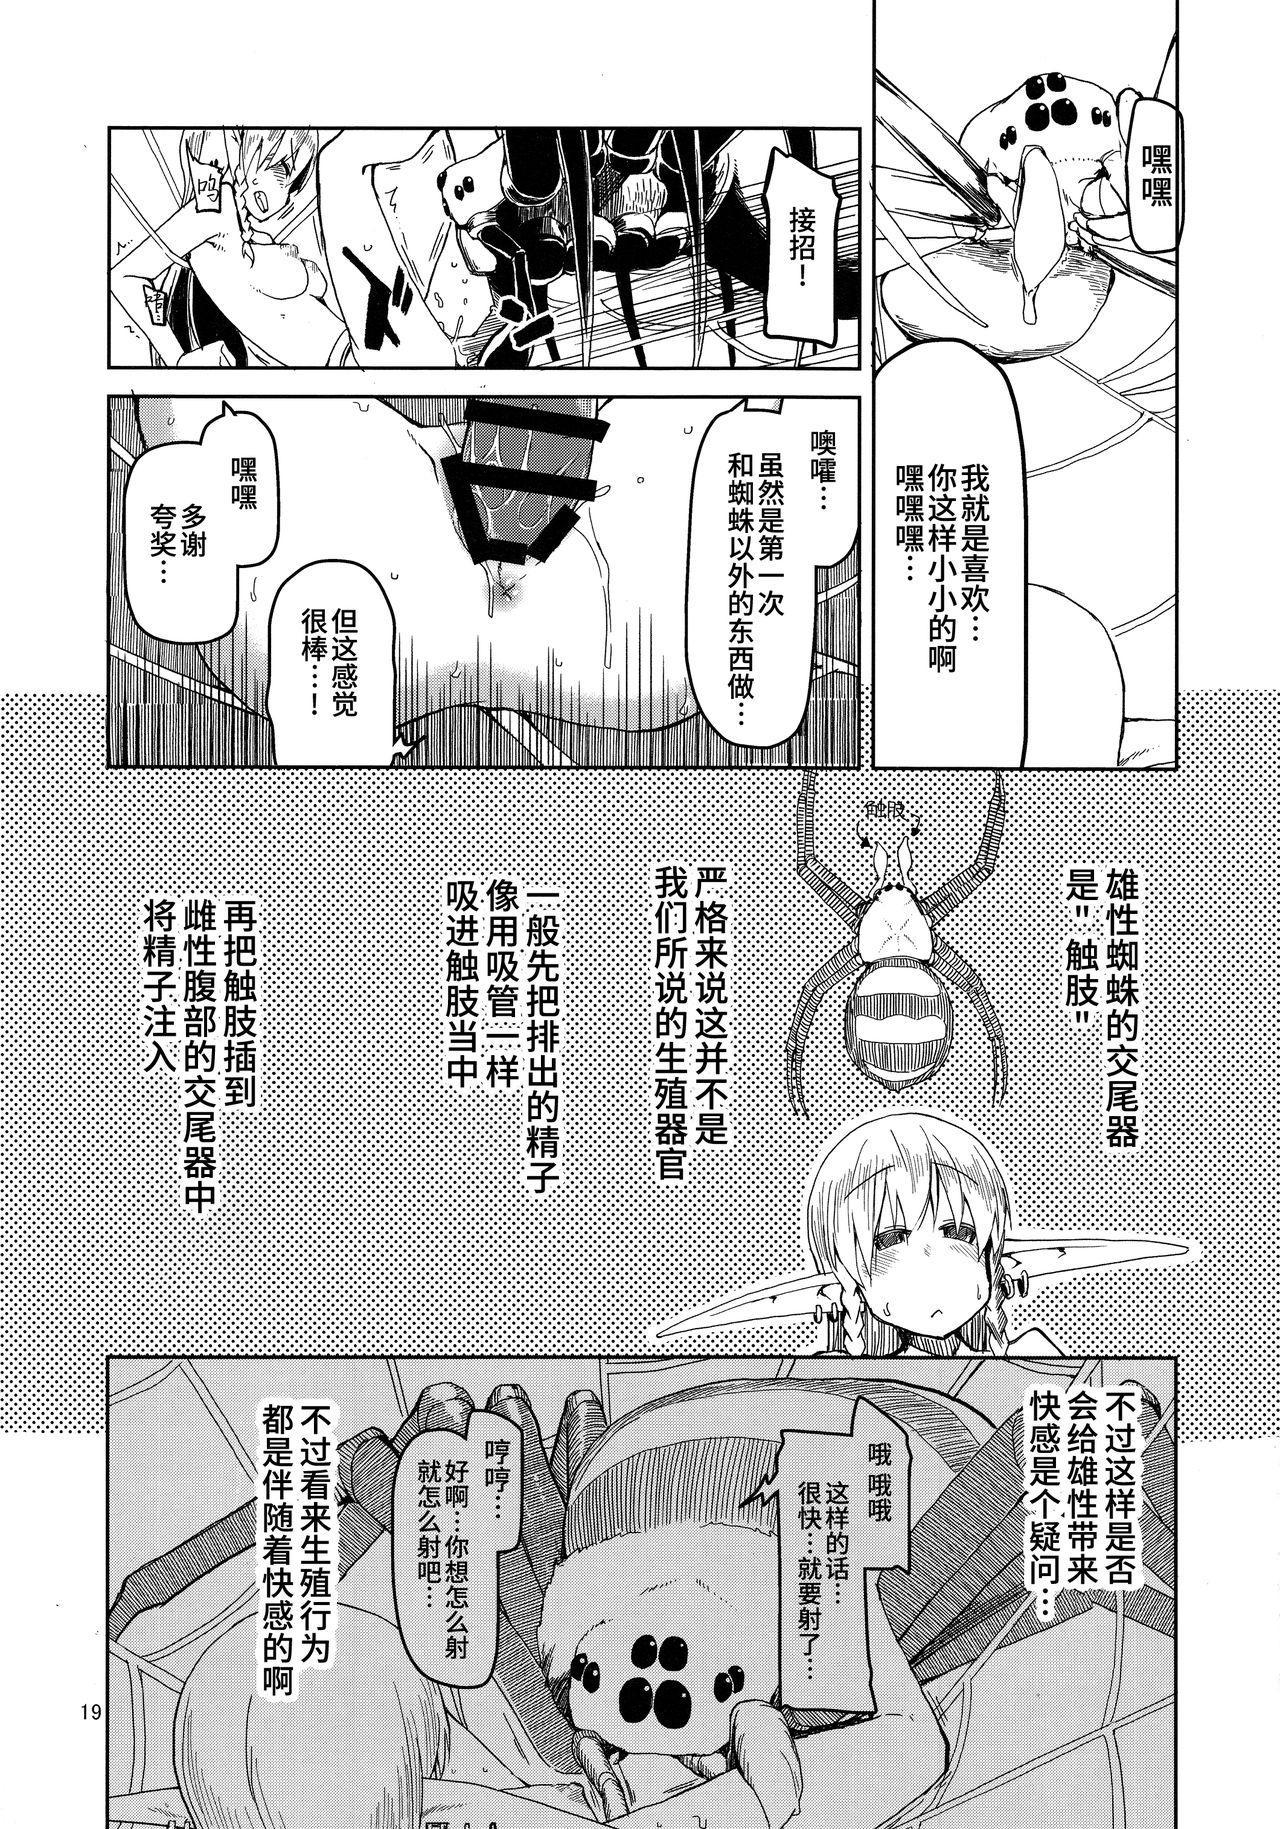 Dosukebe Elf no Ishukan Nikki 5 19